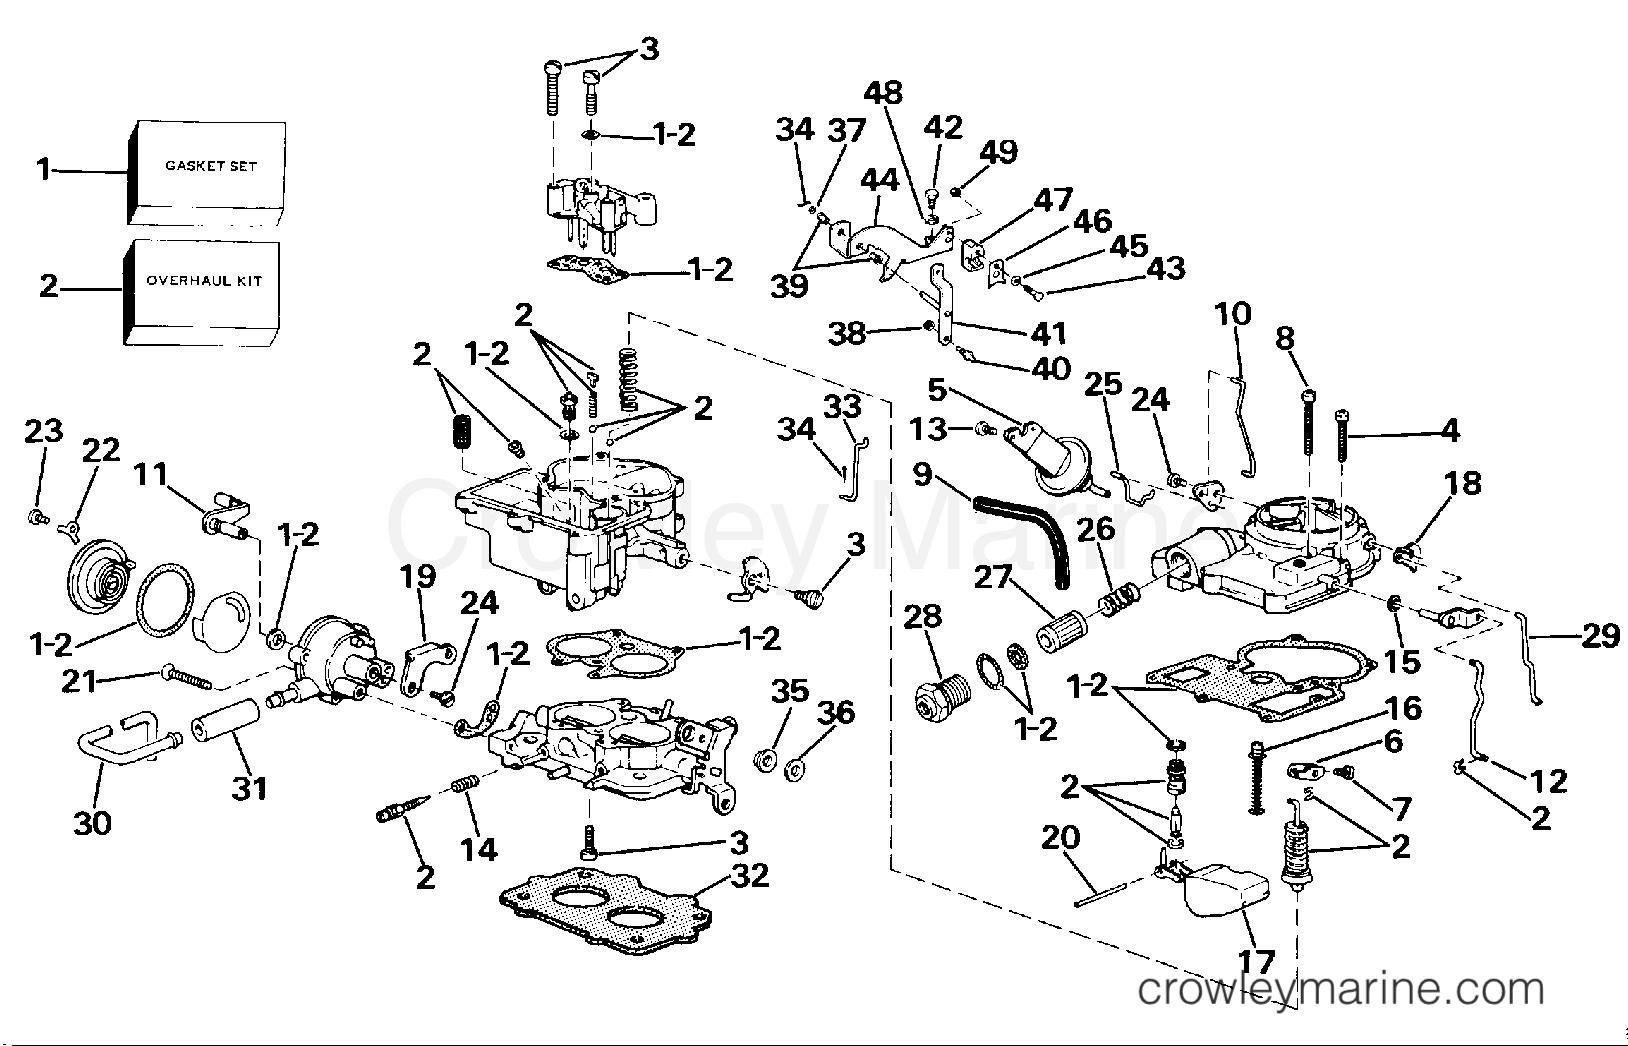 carburetor group - 2v